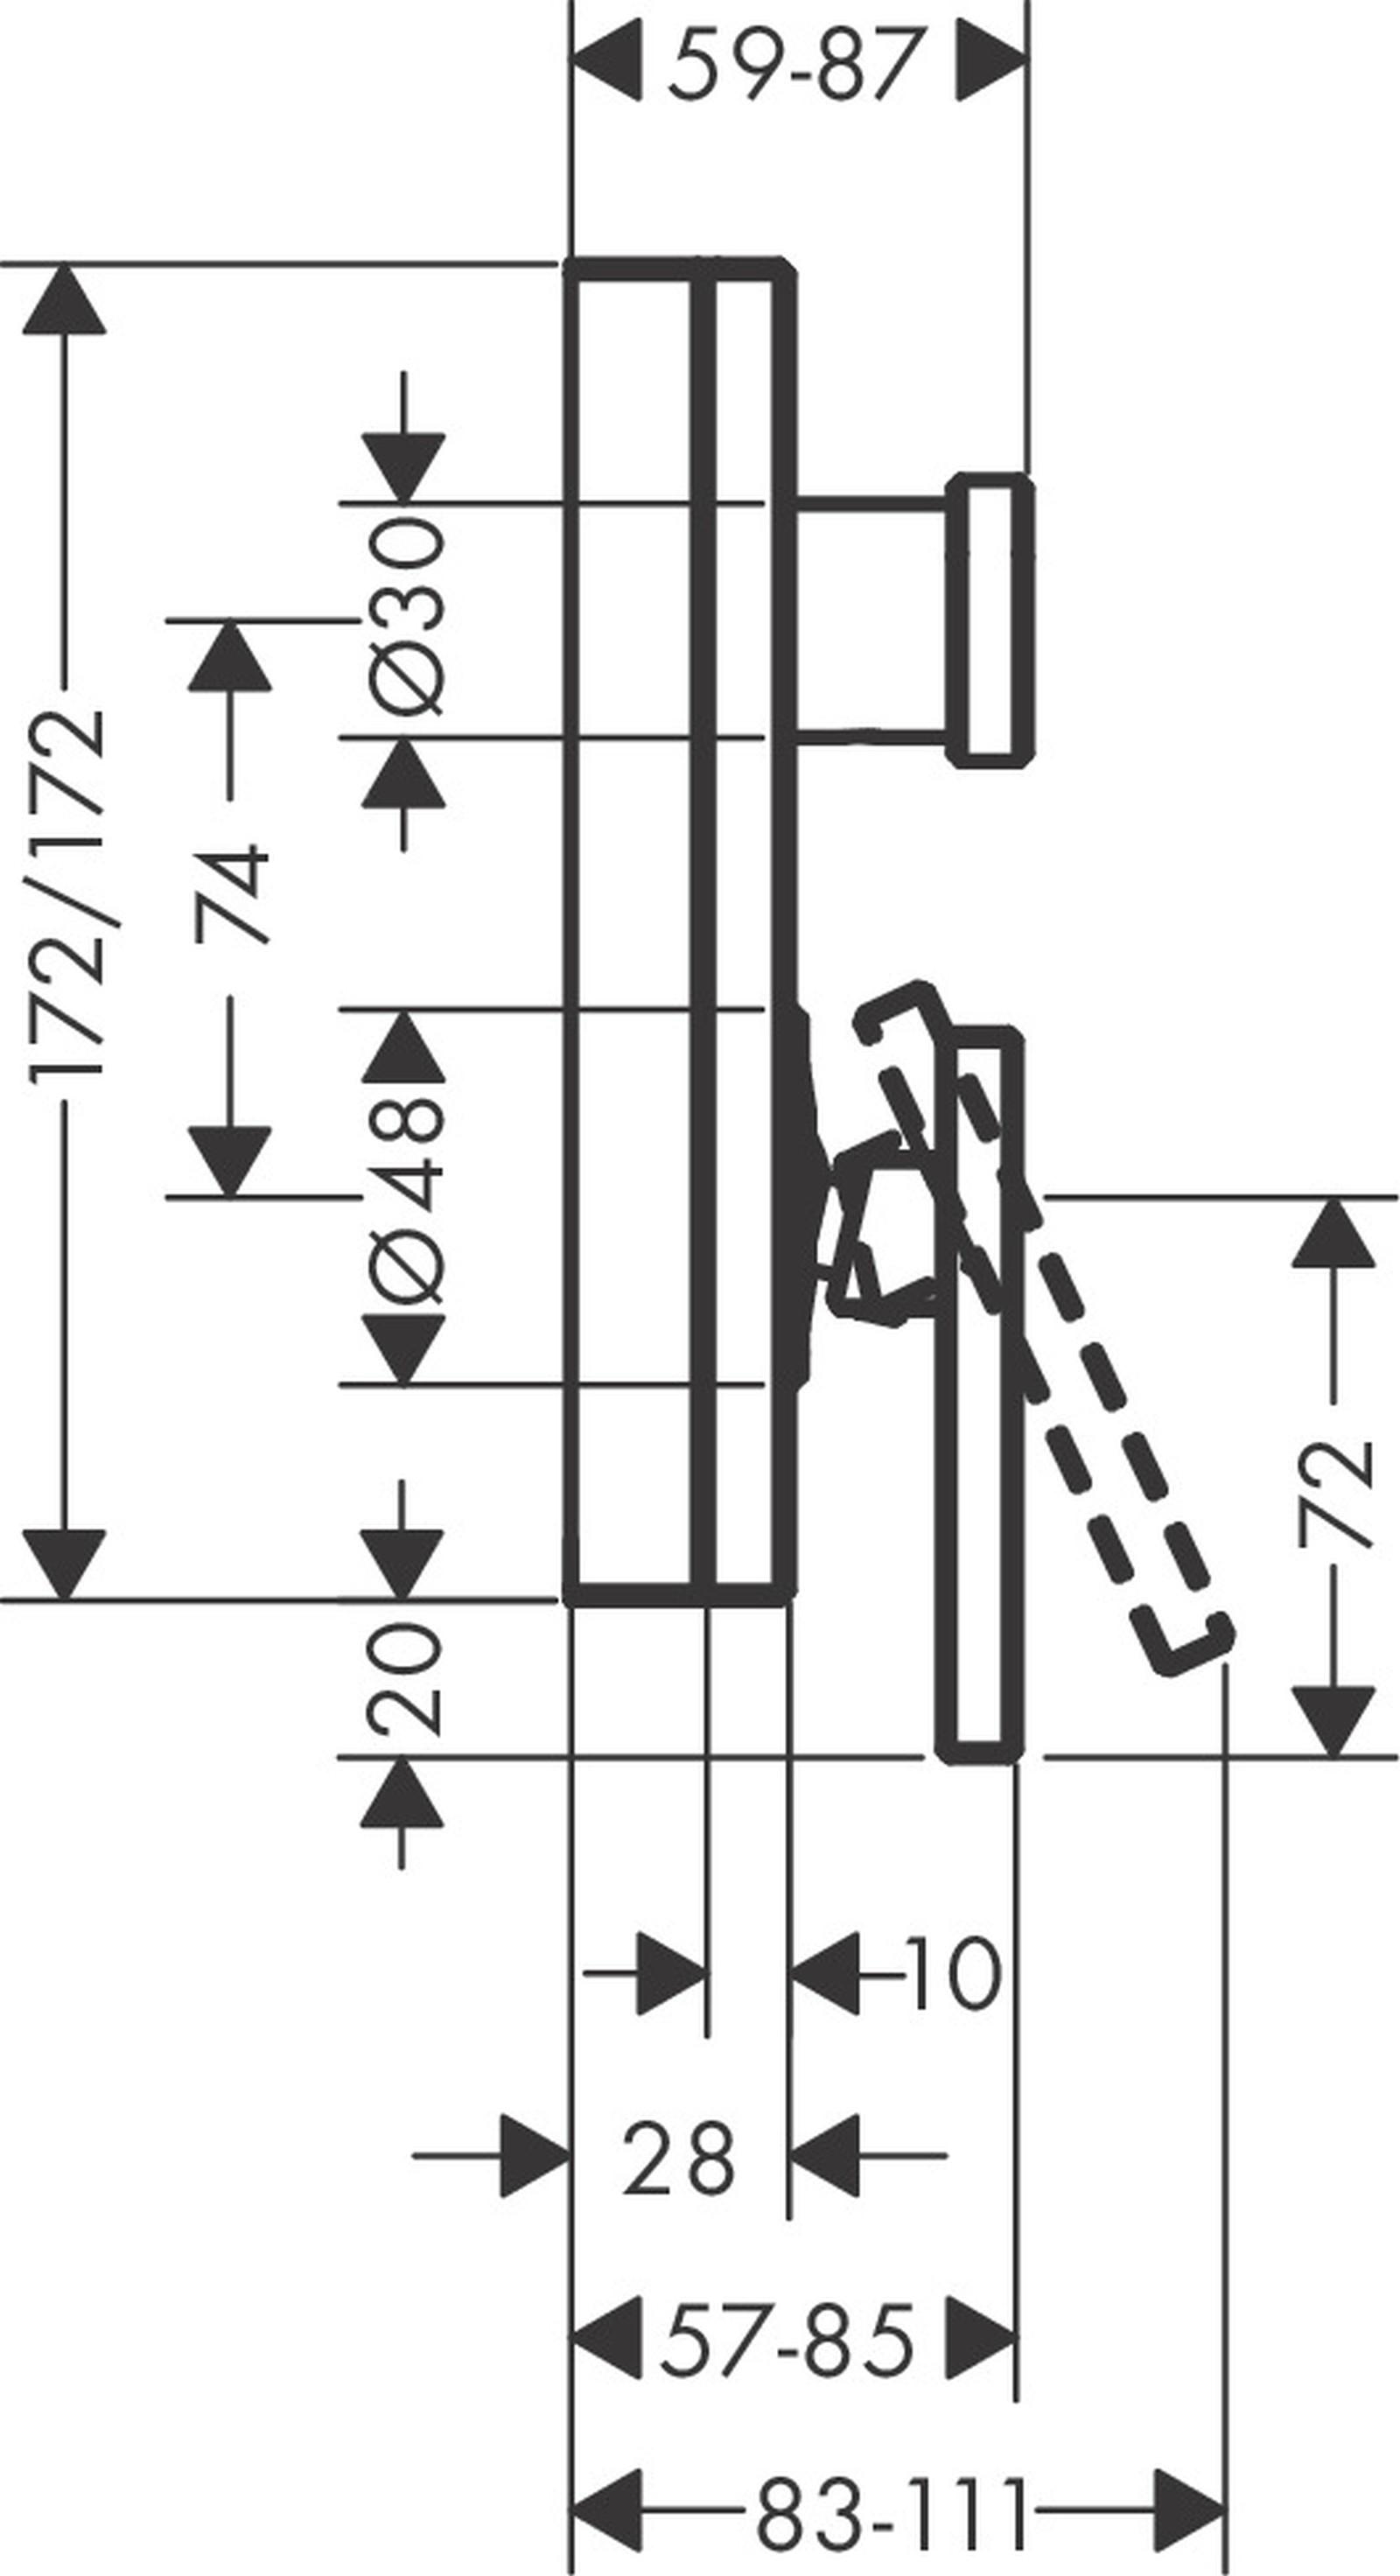 HG Wannenmischer Unterputz Axor Edge